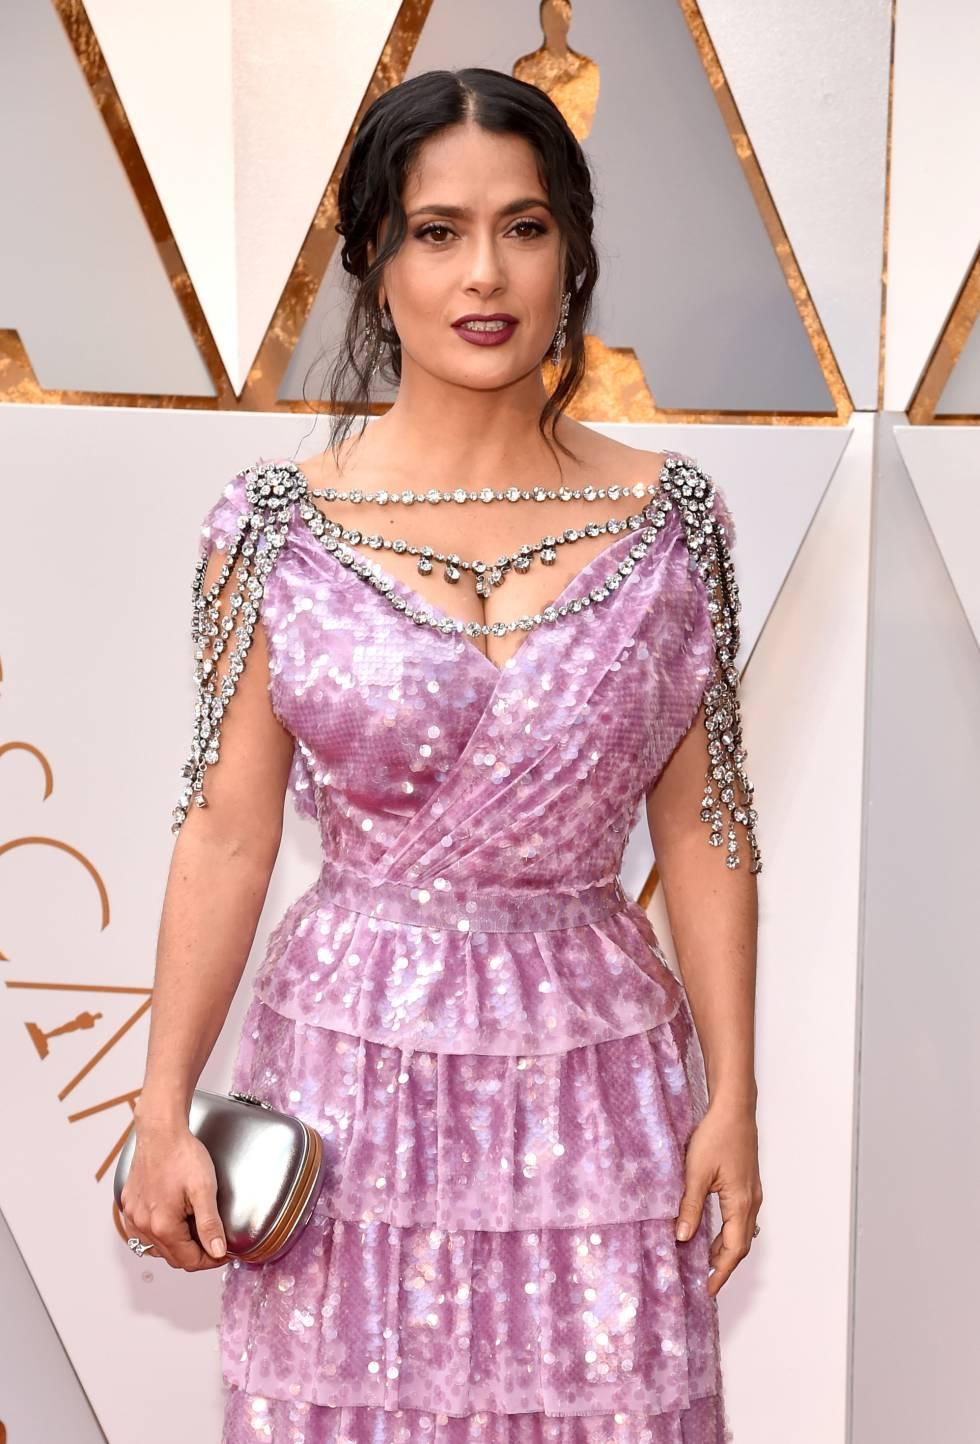 Salma Hayek no tapete vermelho do Oscar. Atriz inaugura lista de 'looks' polêmicos, segundo já comentam internautas no Twitter.